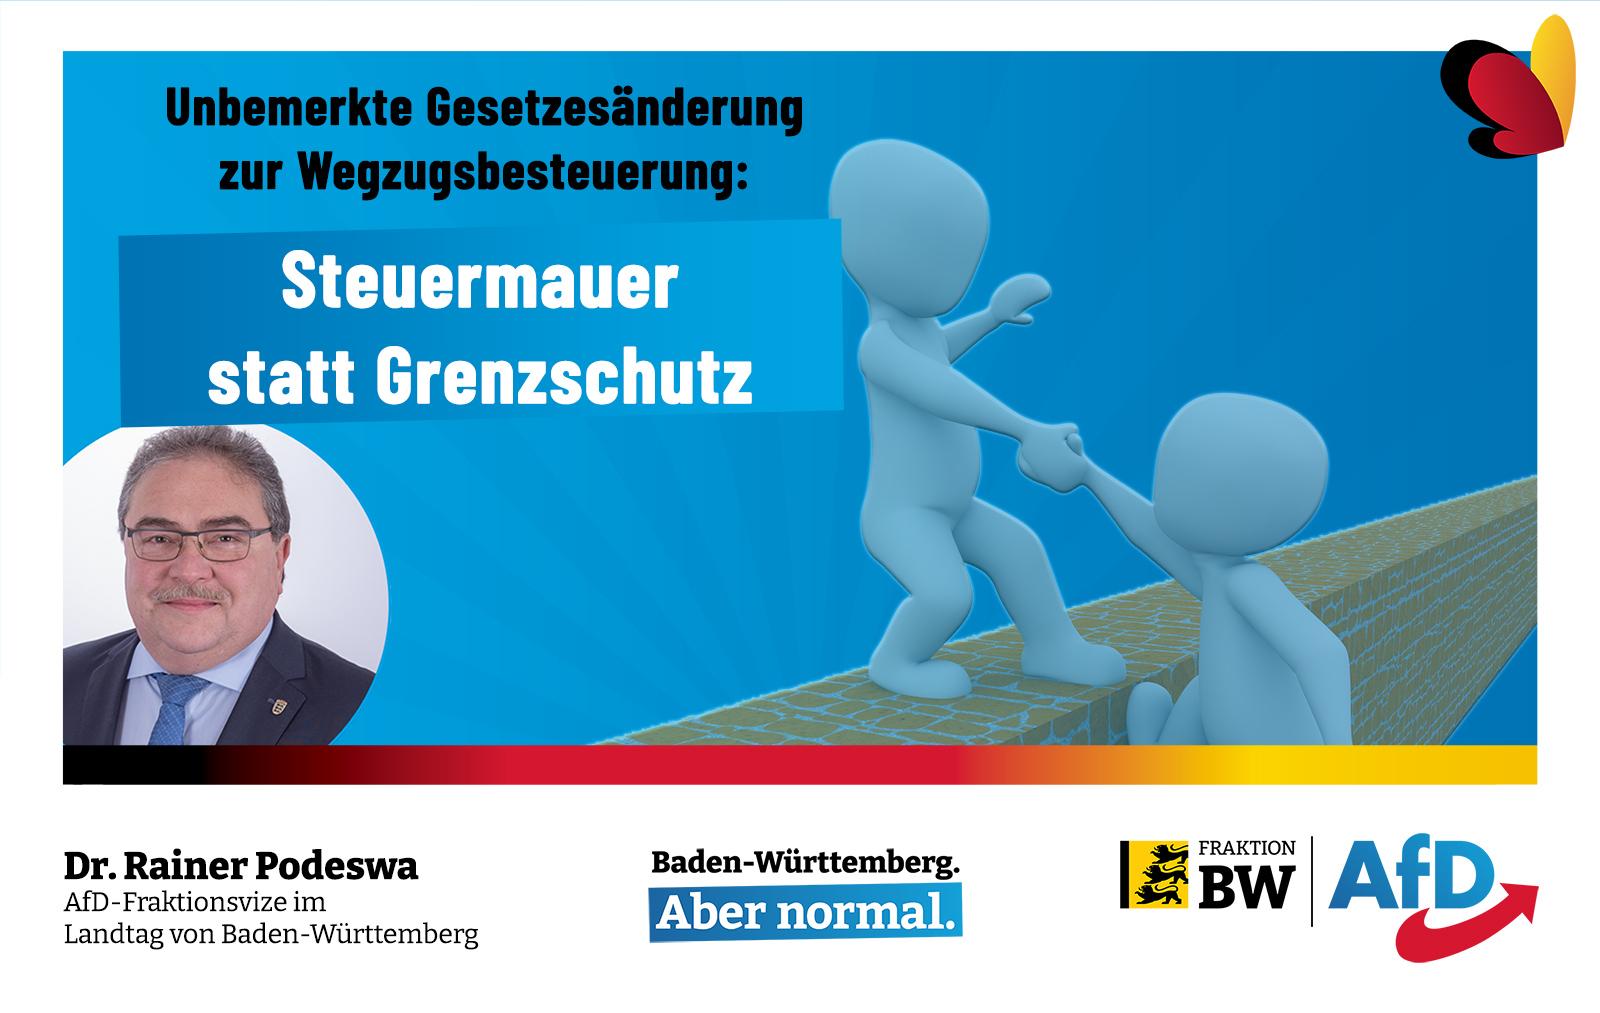 Dr. Rainer Podeswa: CDU errichtet Steuermauer um Deutschland